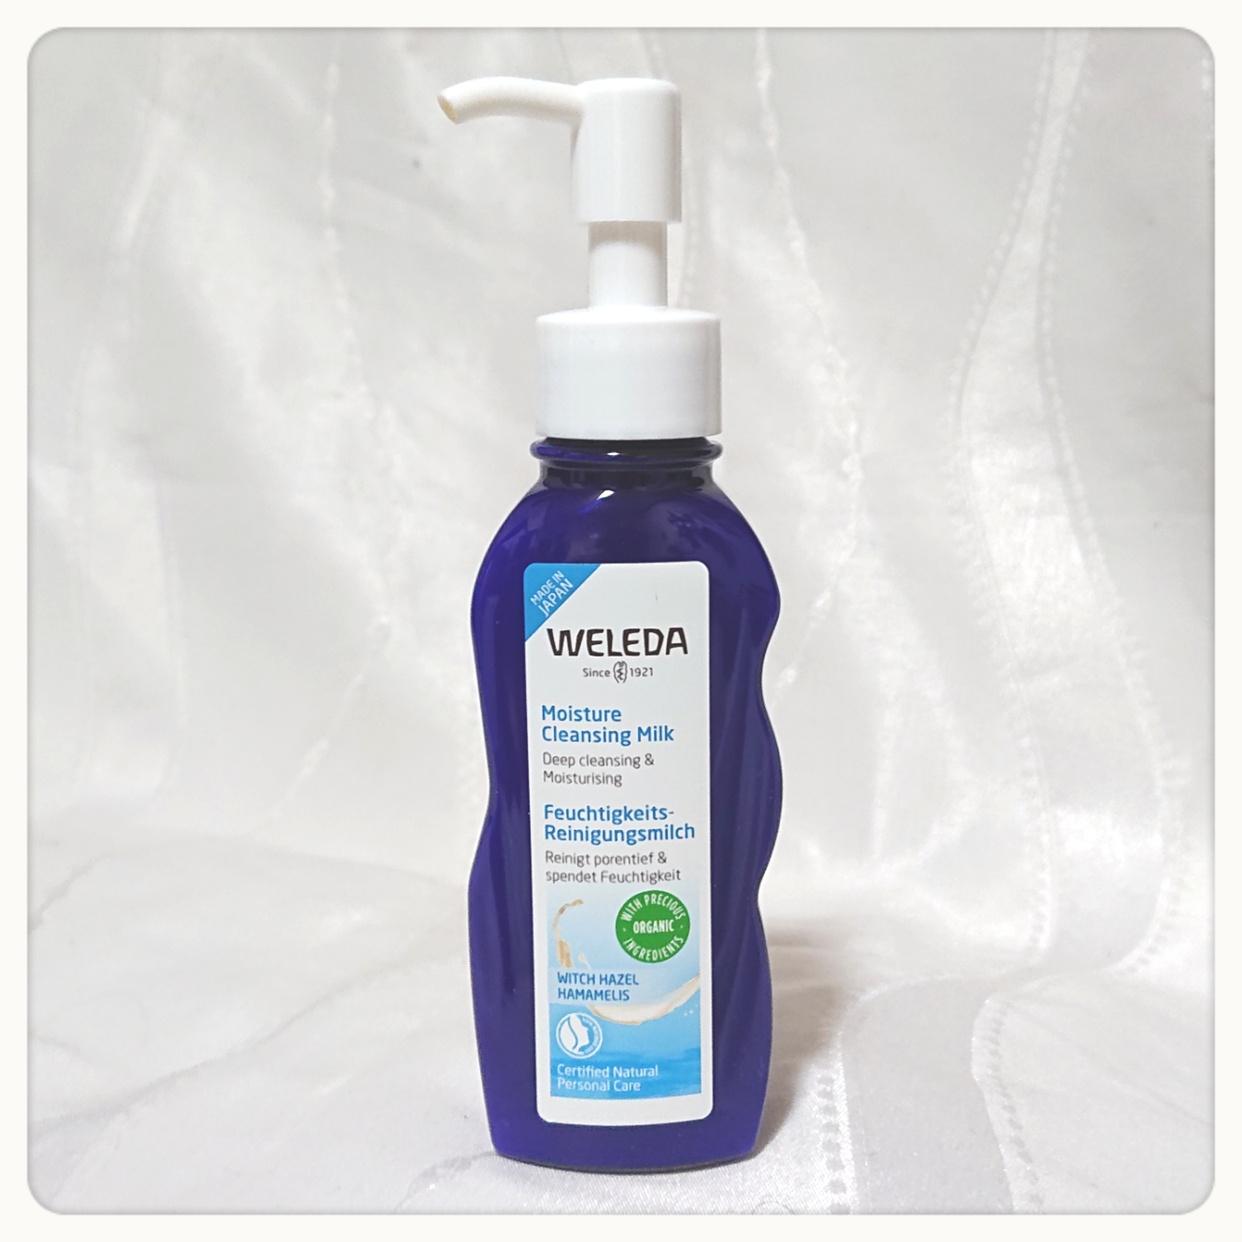 WELEDA(ヴェレダ) モイスチャー クレンジングミルクの良い点・メリットに関するnakoさんの口コミ画像1